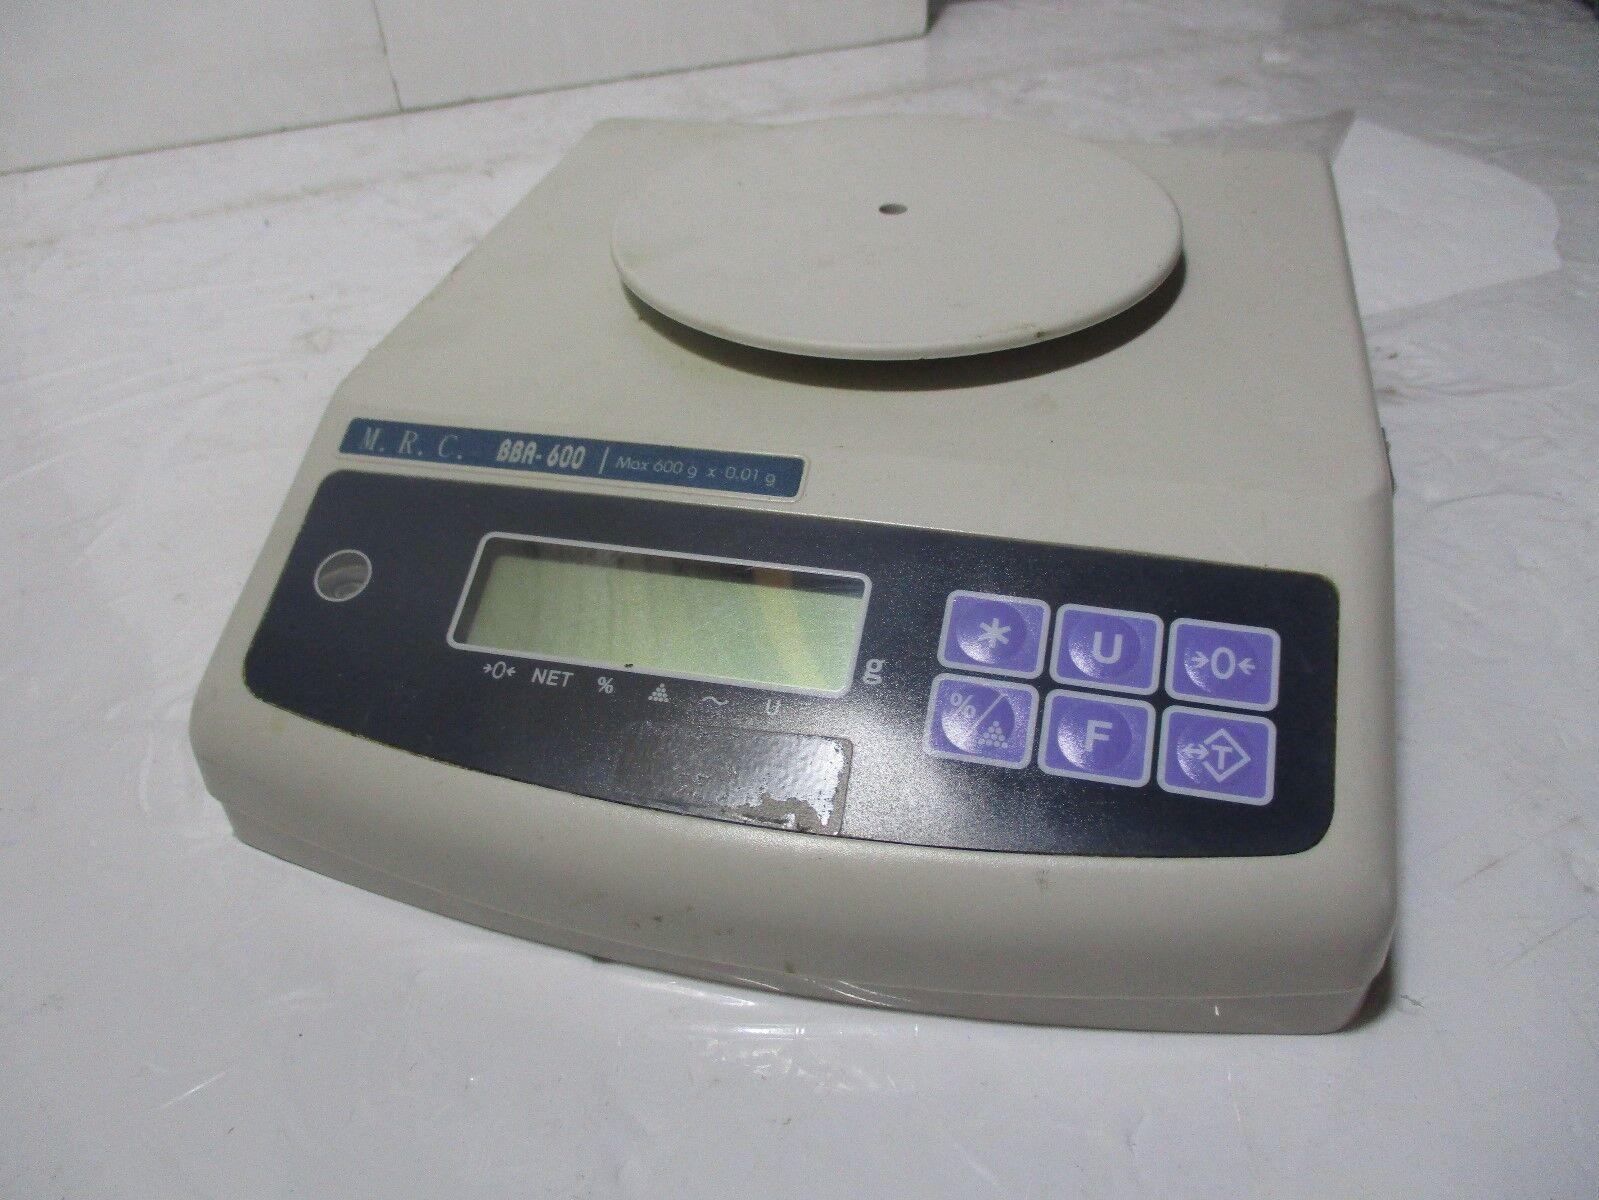 M.R.C. BBA-600 Digital Scale 600g x 0.01g 9VAC